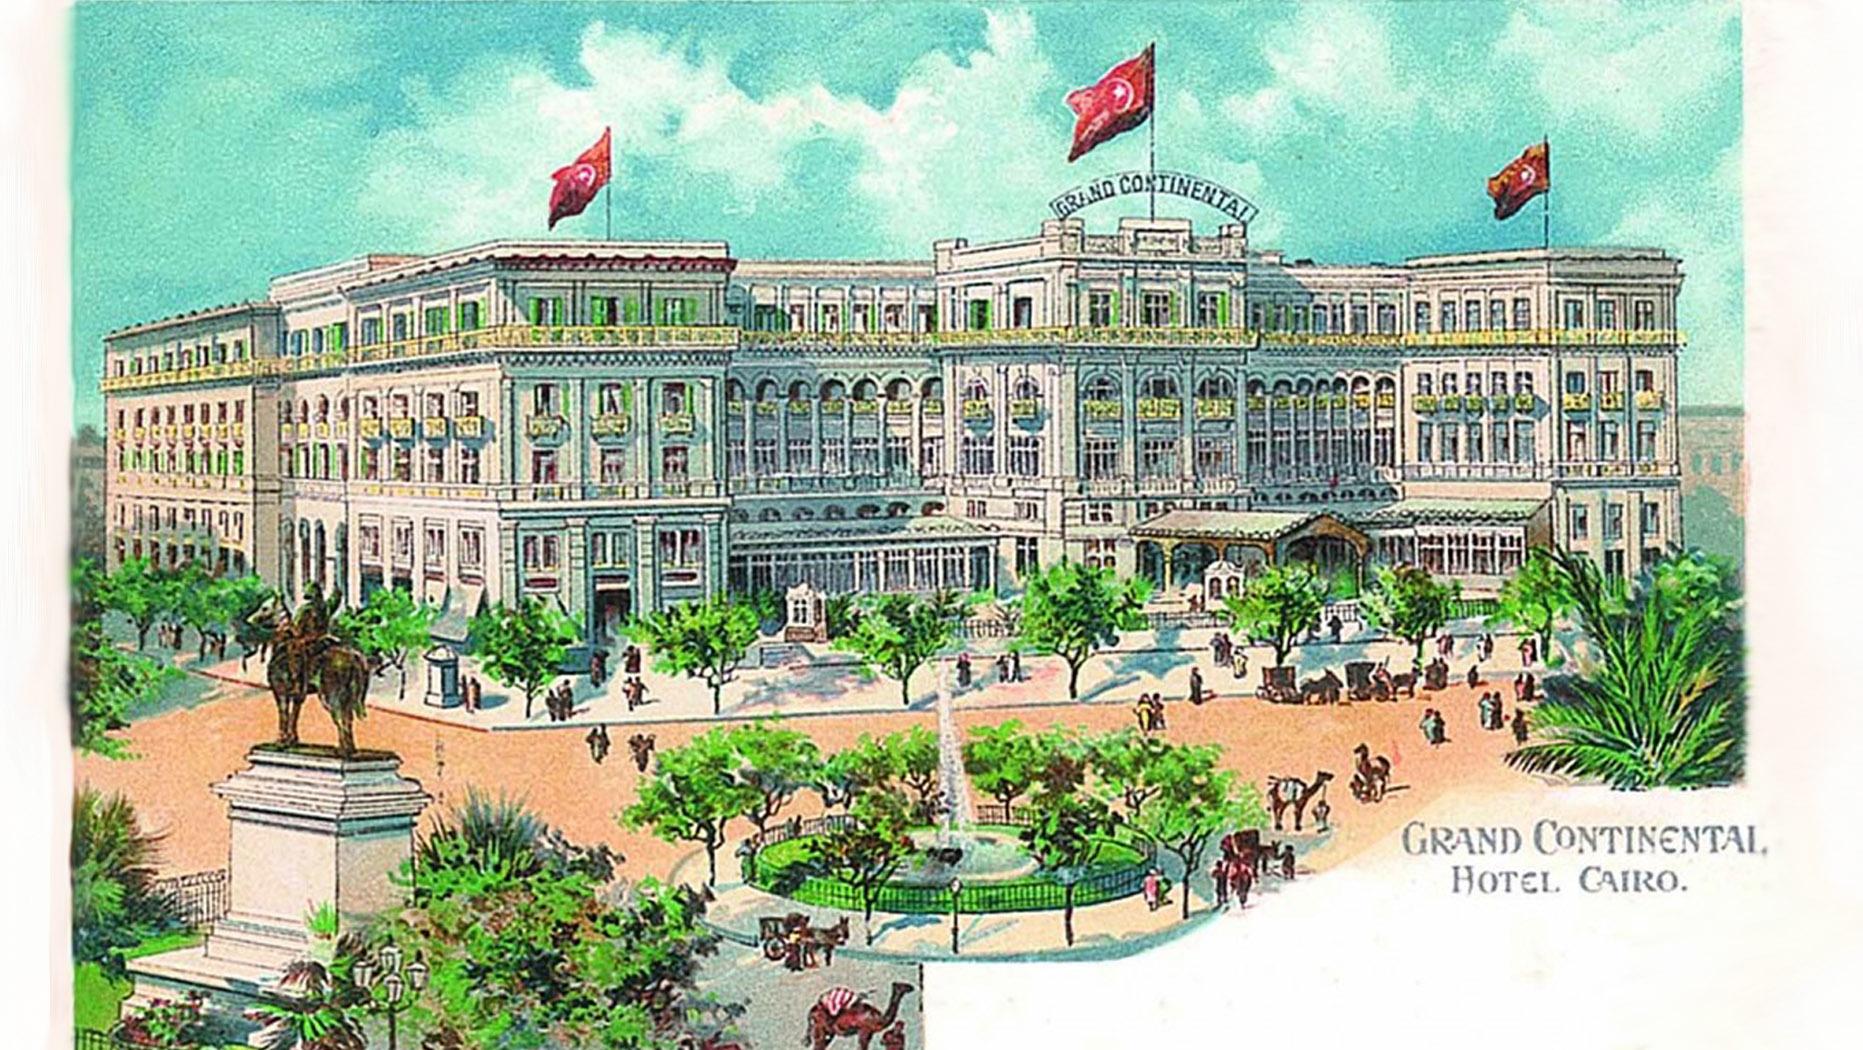 كارت بريد قديم يحمل رسم لفندق الكونتننتال قديمًا